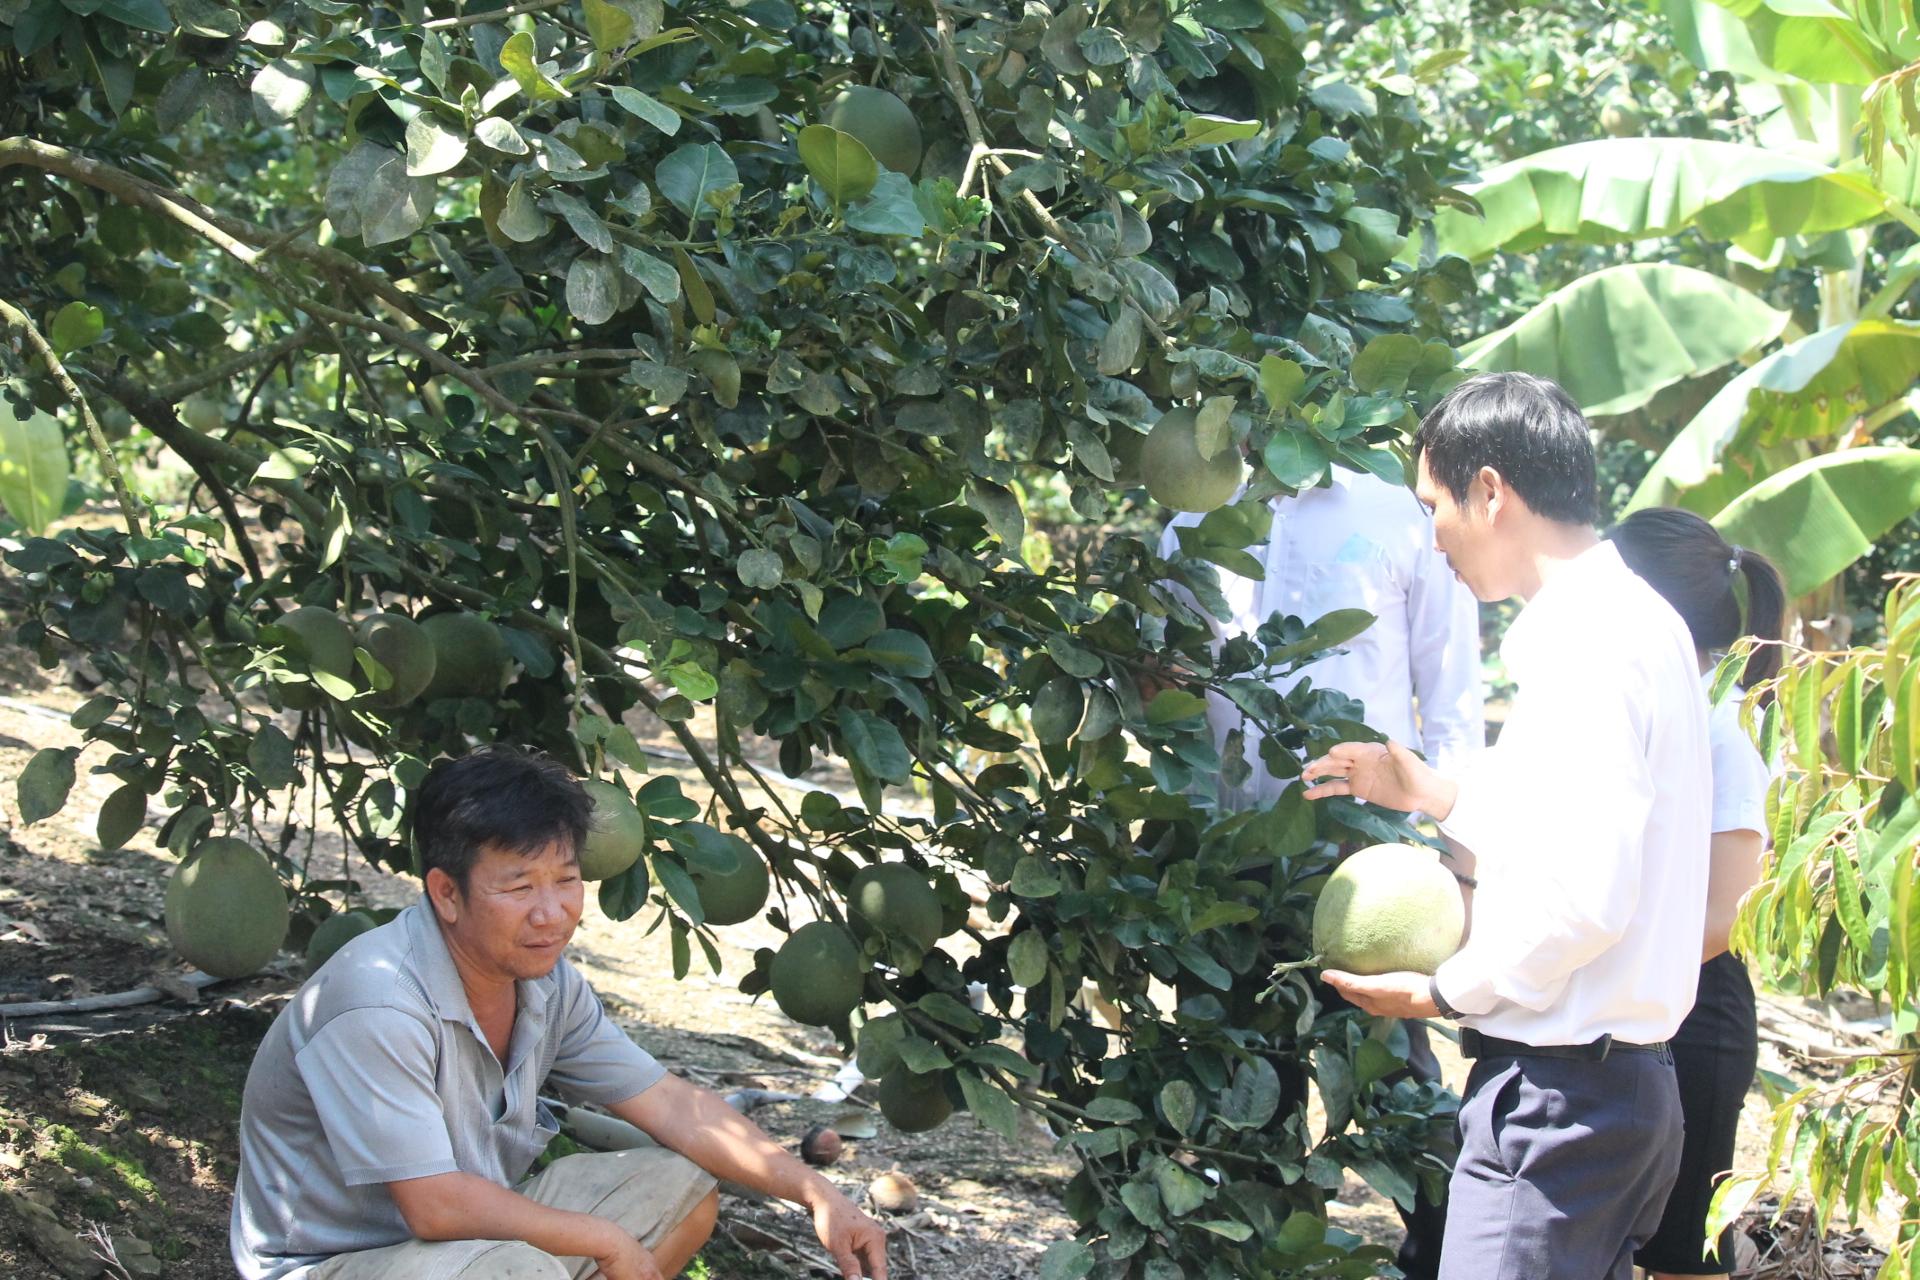 Khánh Hòa: Nông dân vươn lên làm giàu từ trồng bưởi, chuối,nuôi bò,... - Ảnh 3.